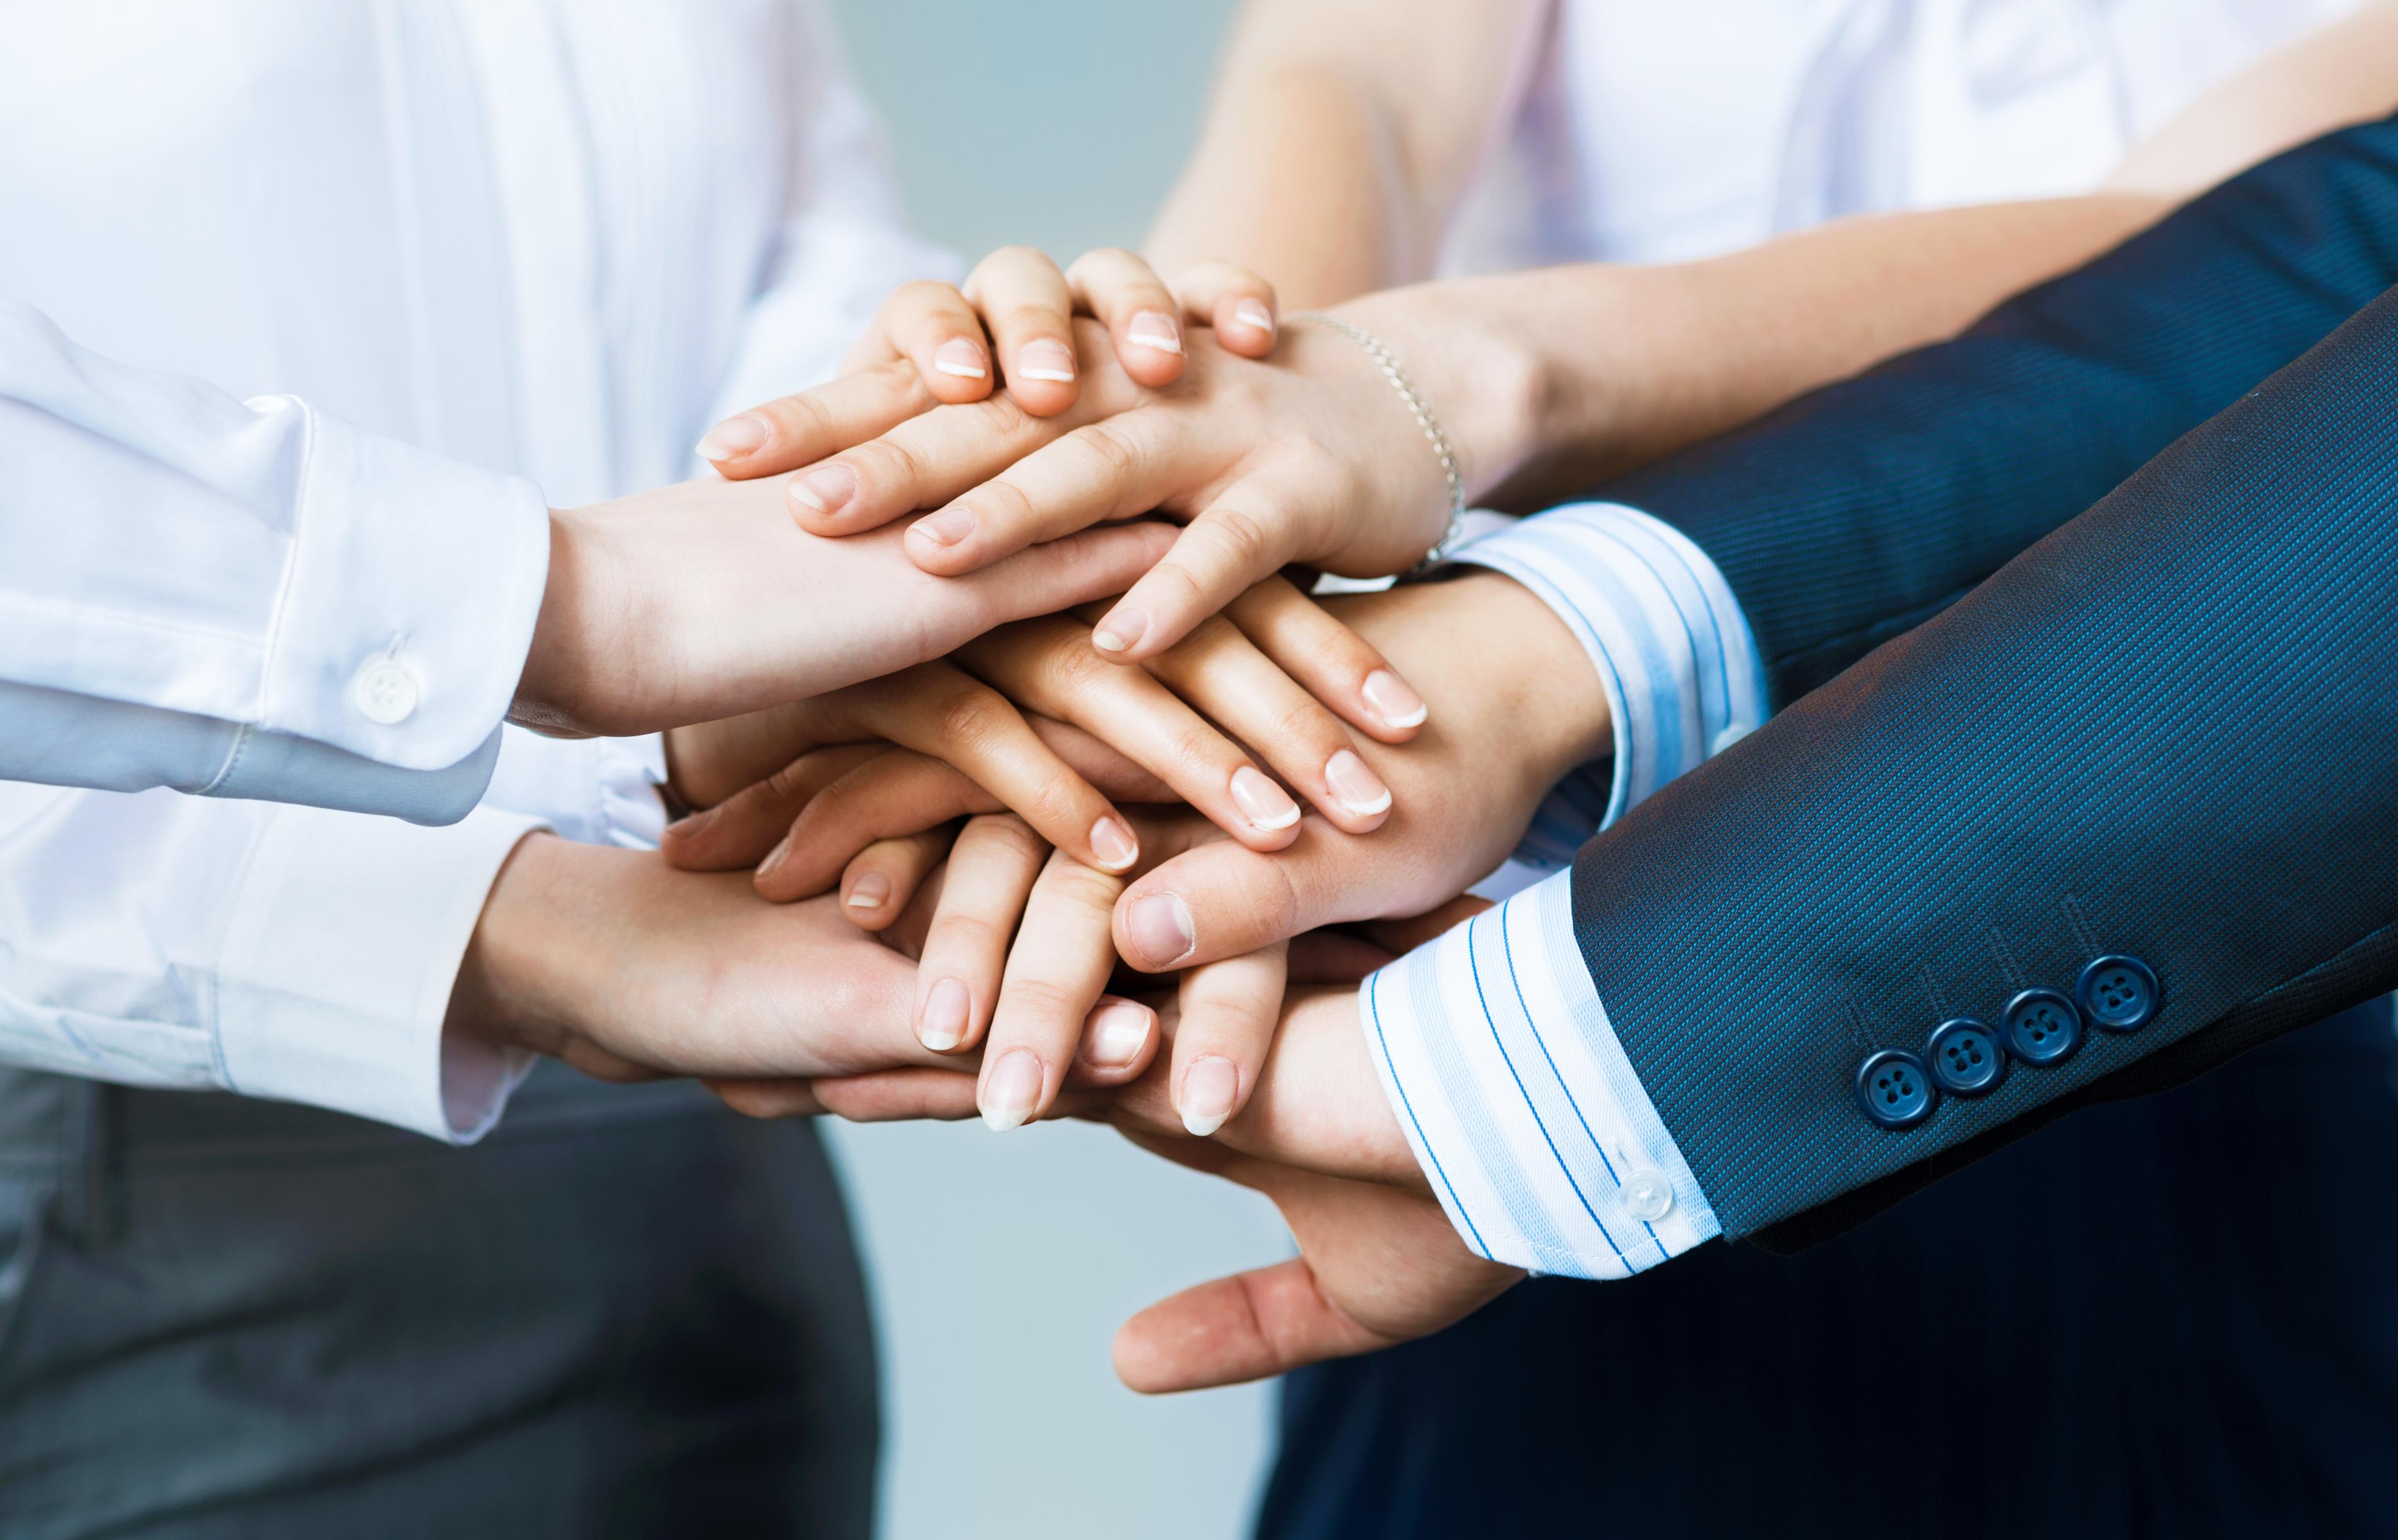 Managing affiliates - Build Your Team